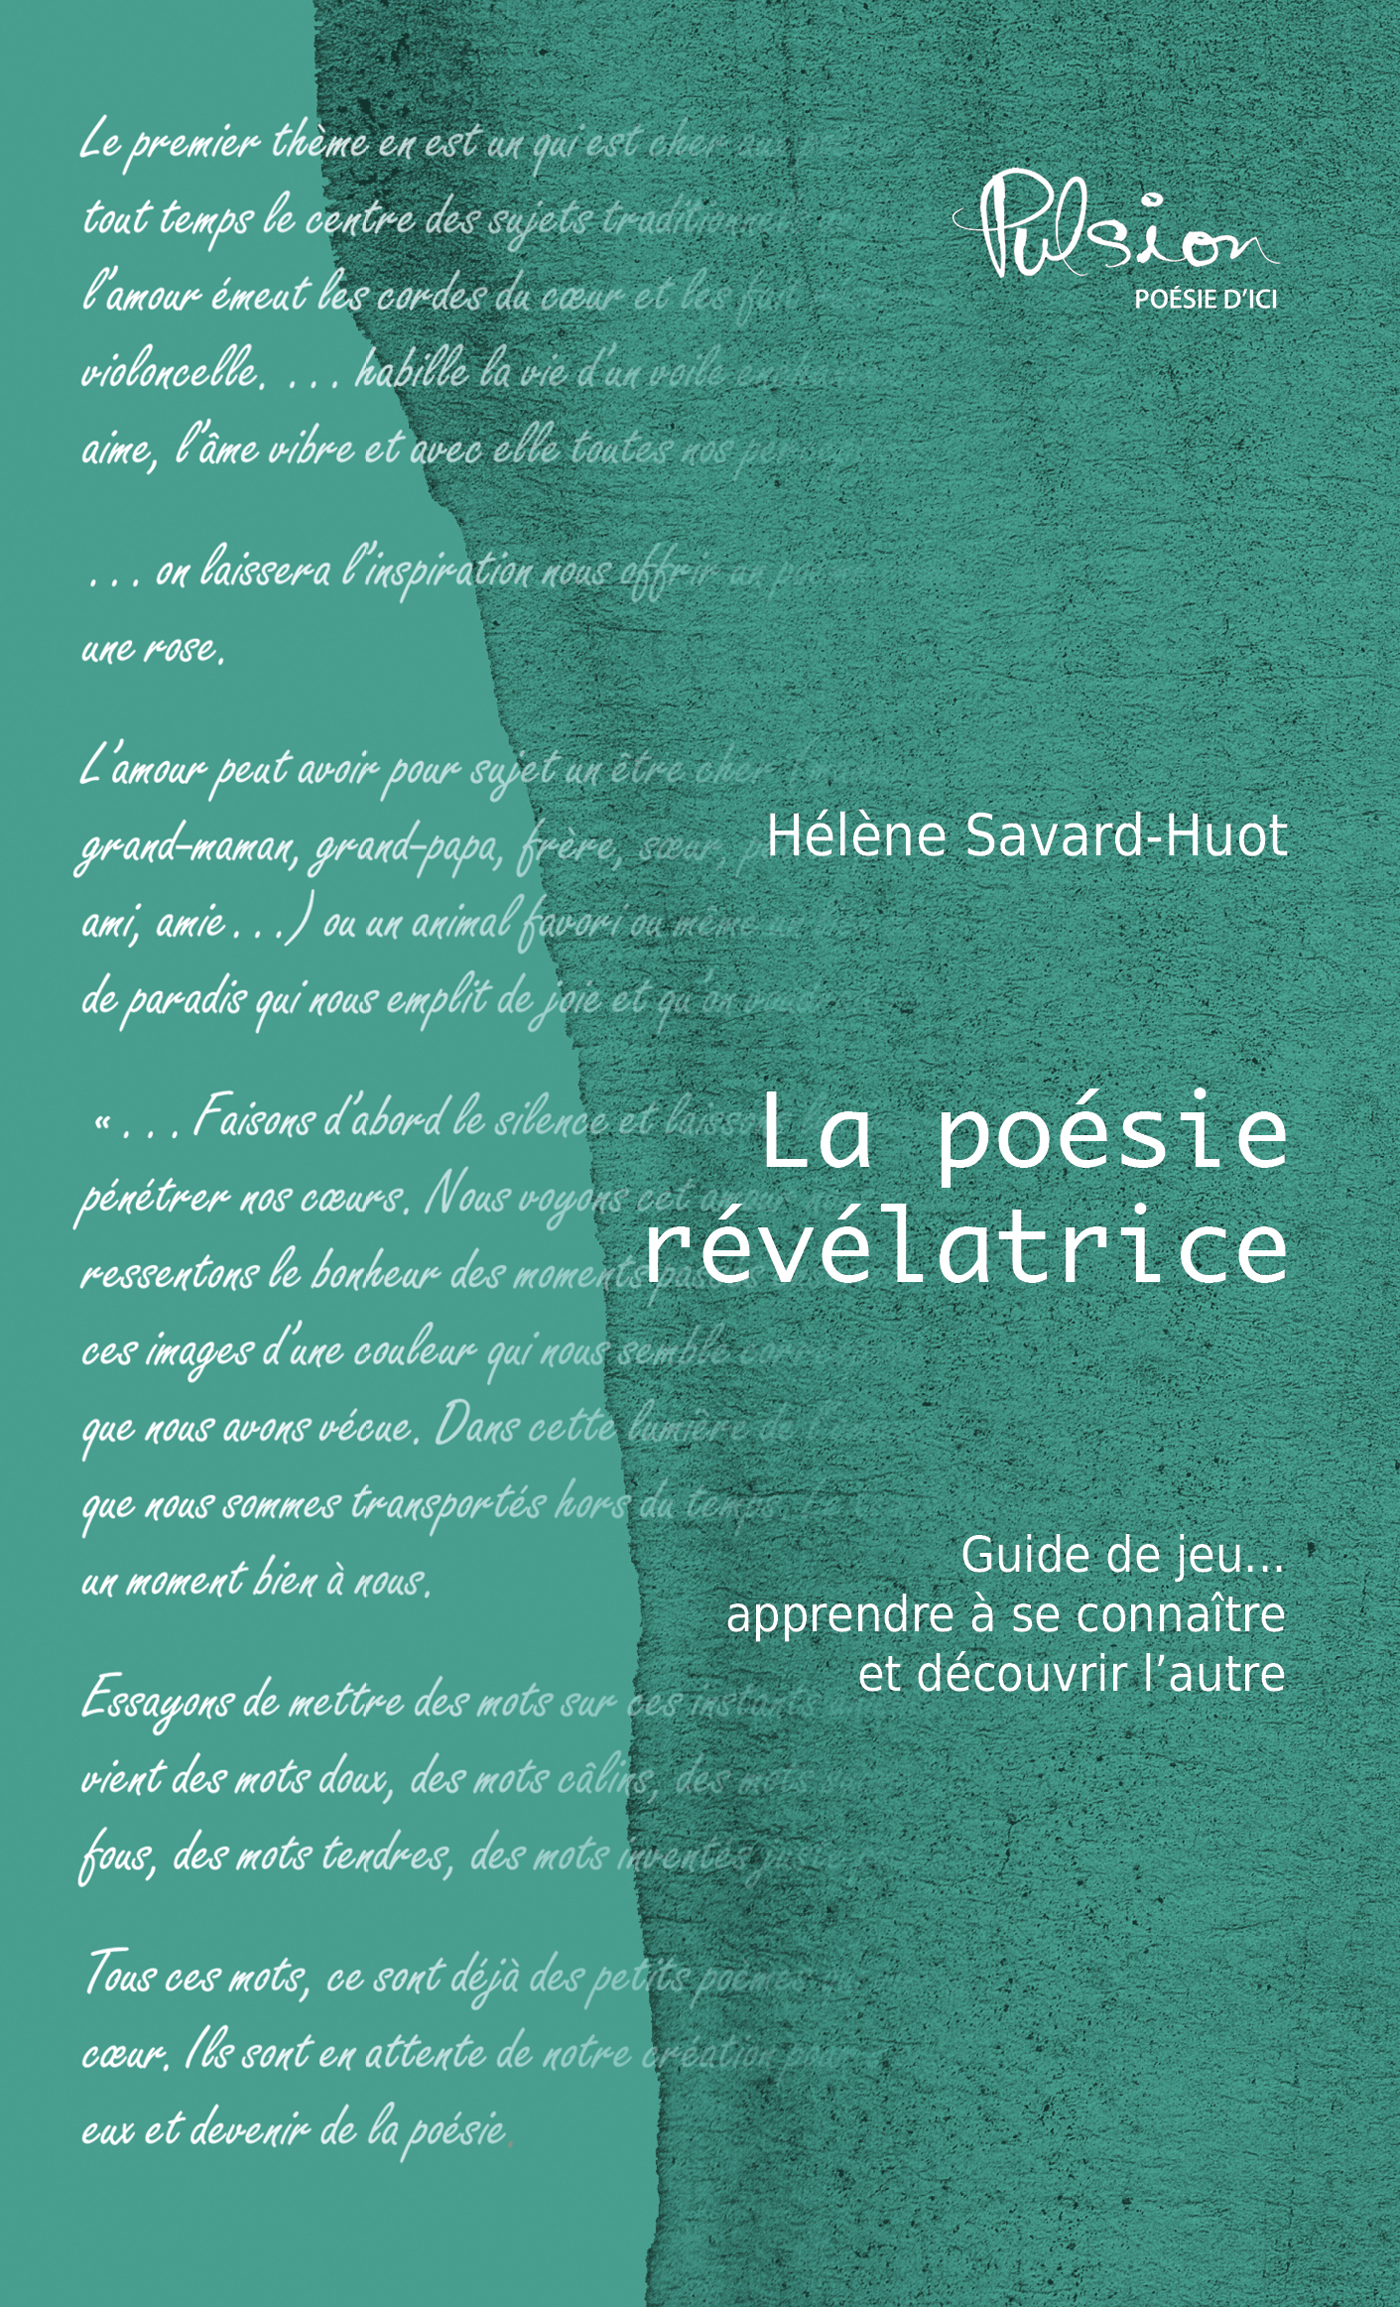 La poésie révélatrice